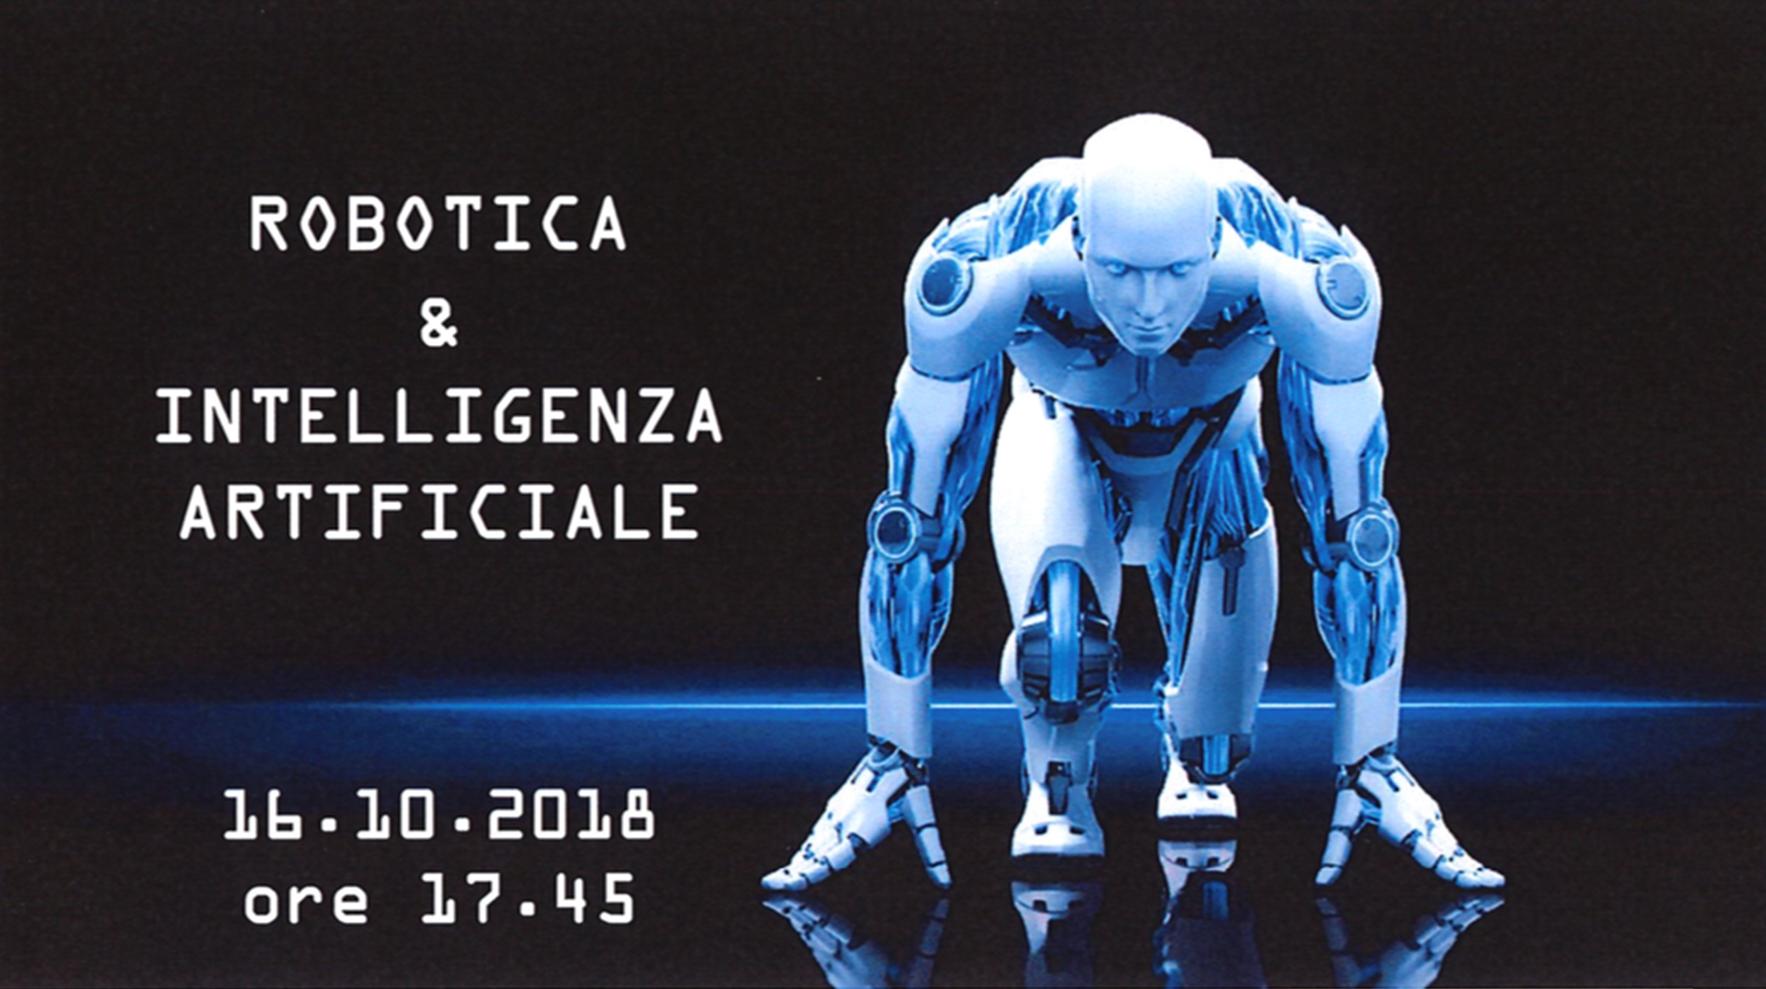 Robotica e Intelligenza Artificiale